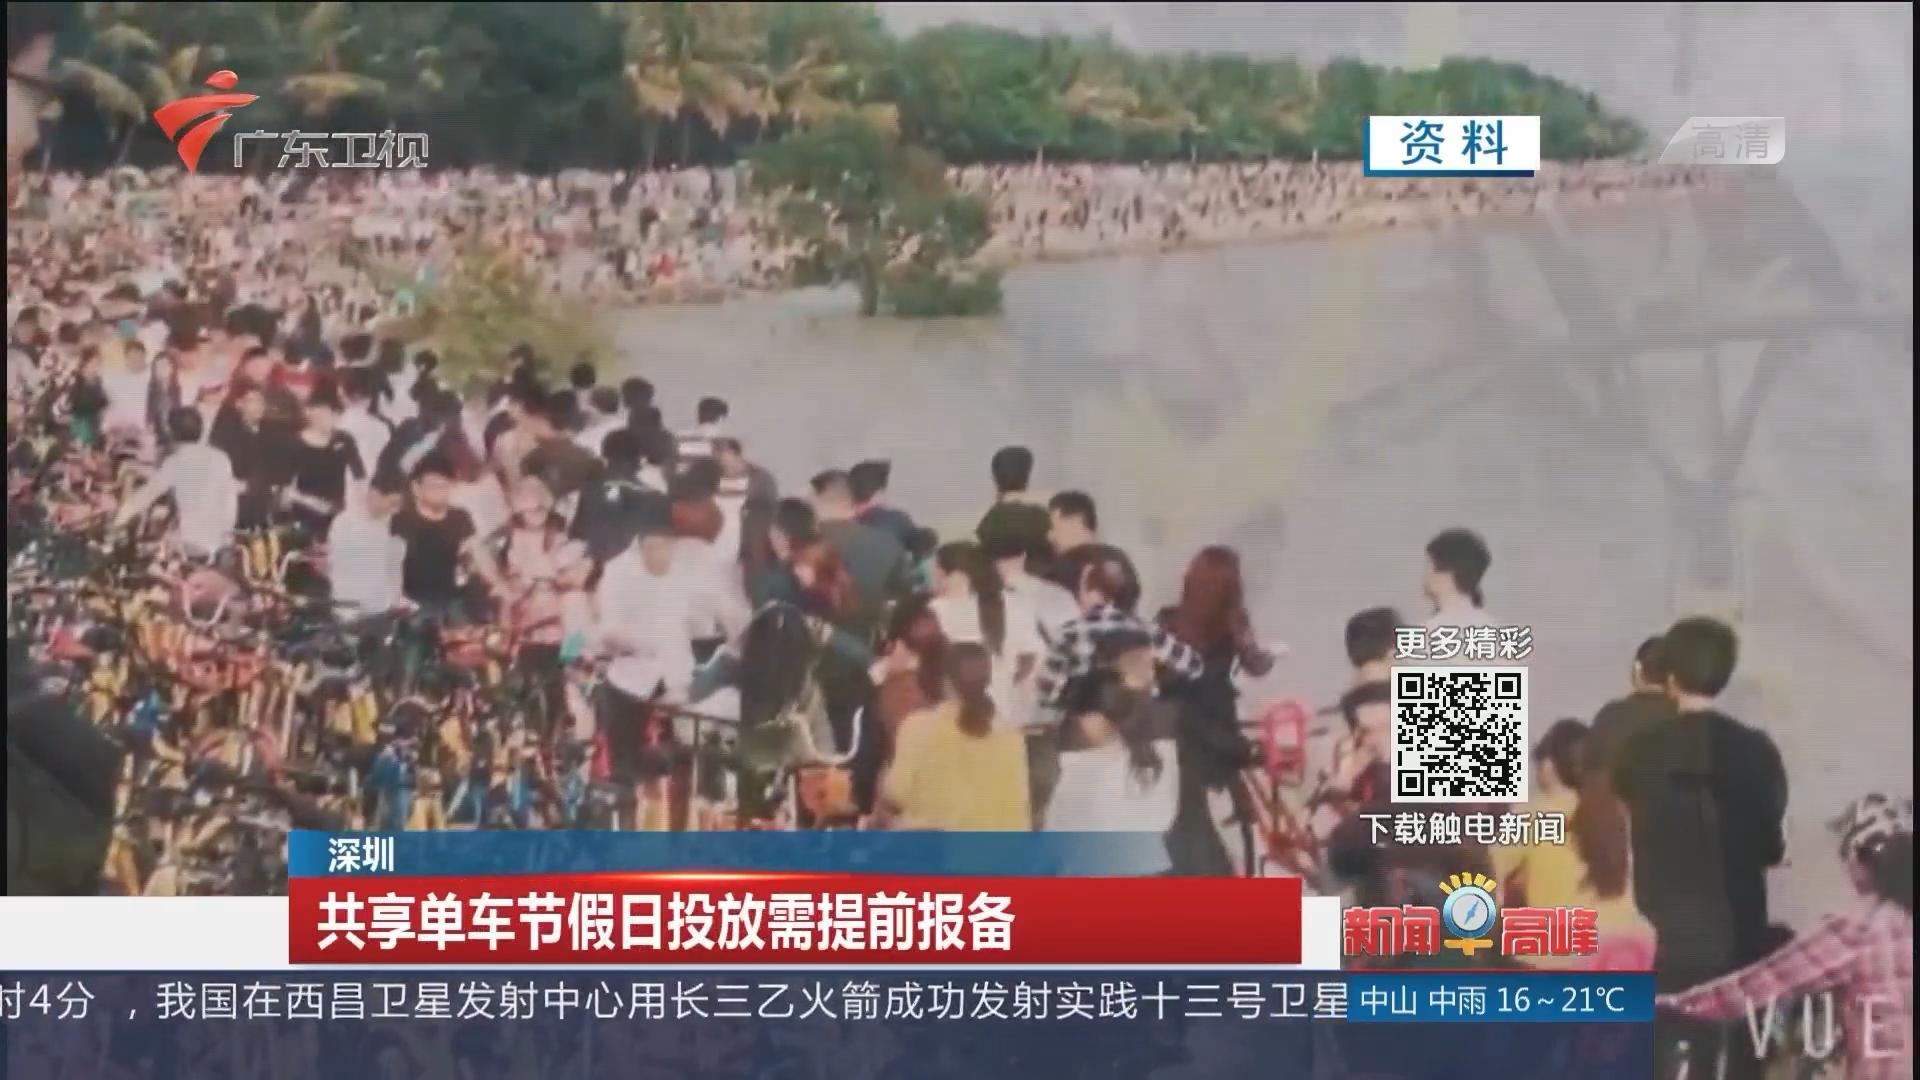 深圳:共享单车节假日投放需提前报备